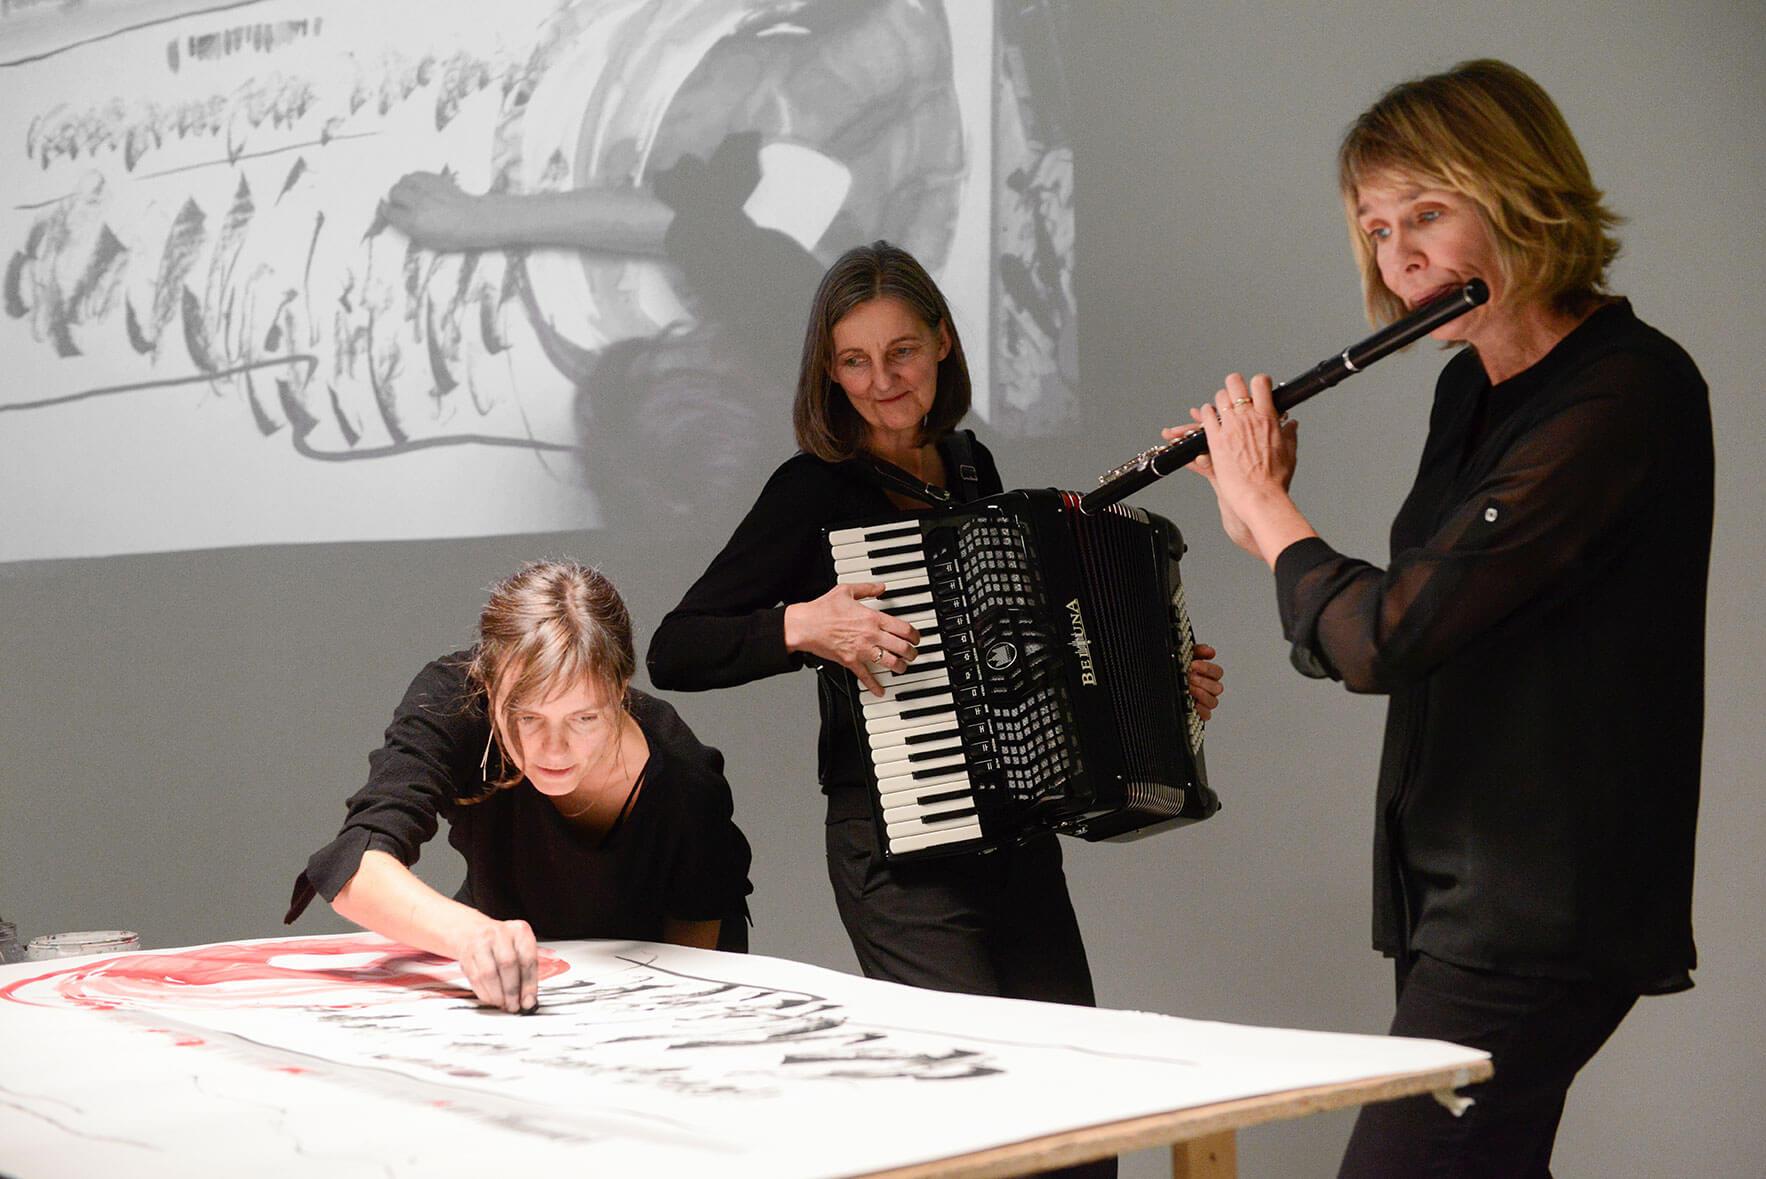 IM.PULS - Trio - Oschmann - Weghoff - Betzl - Kunstverein - Performance